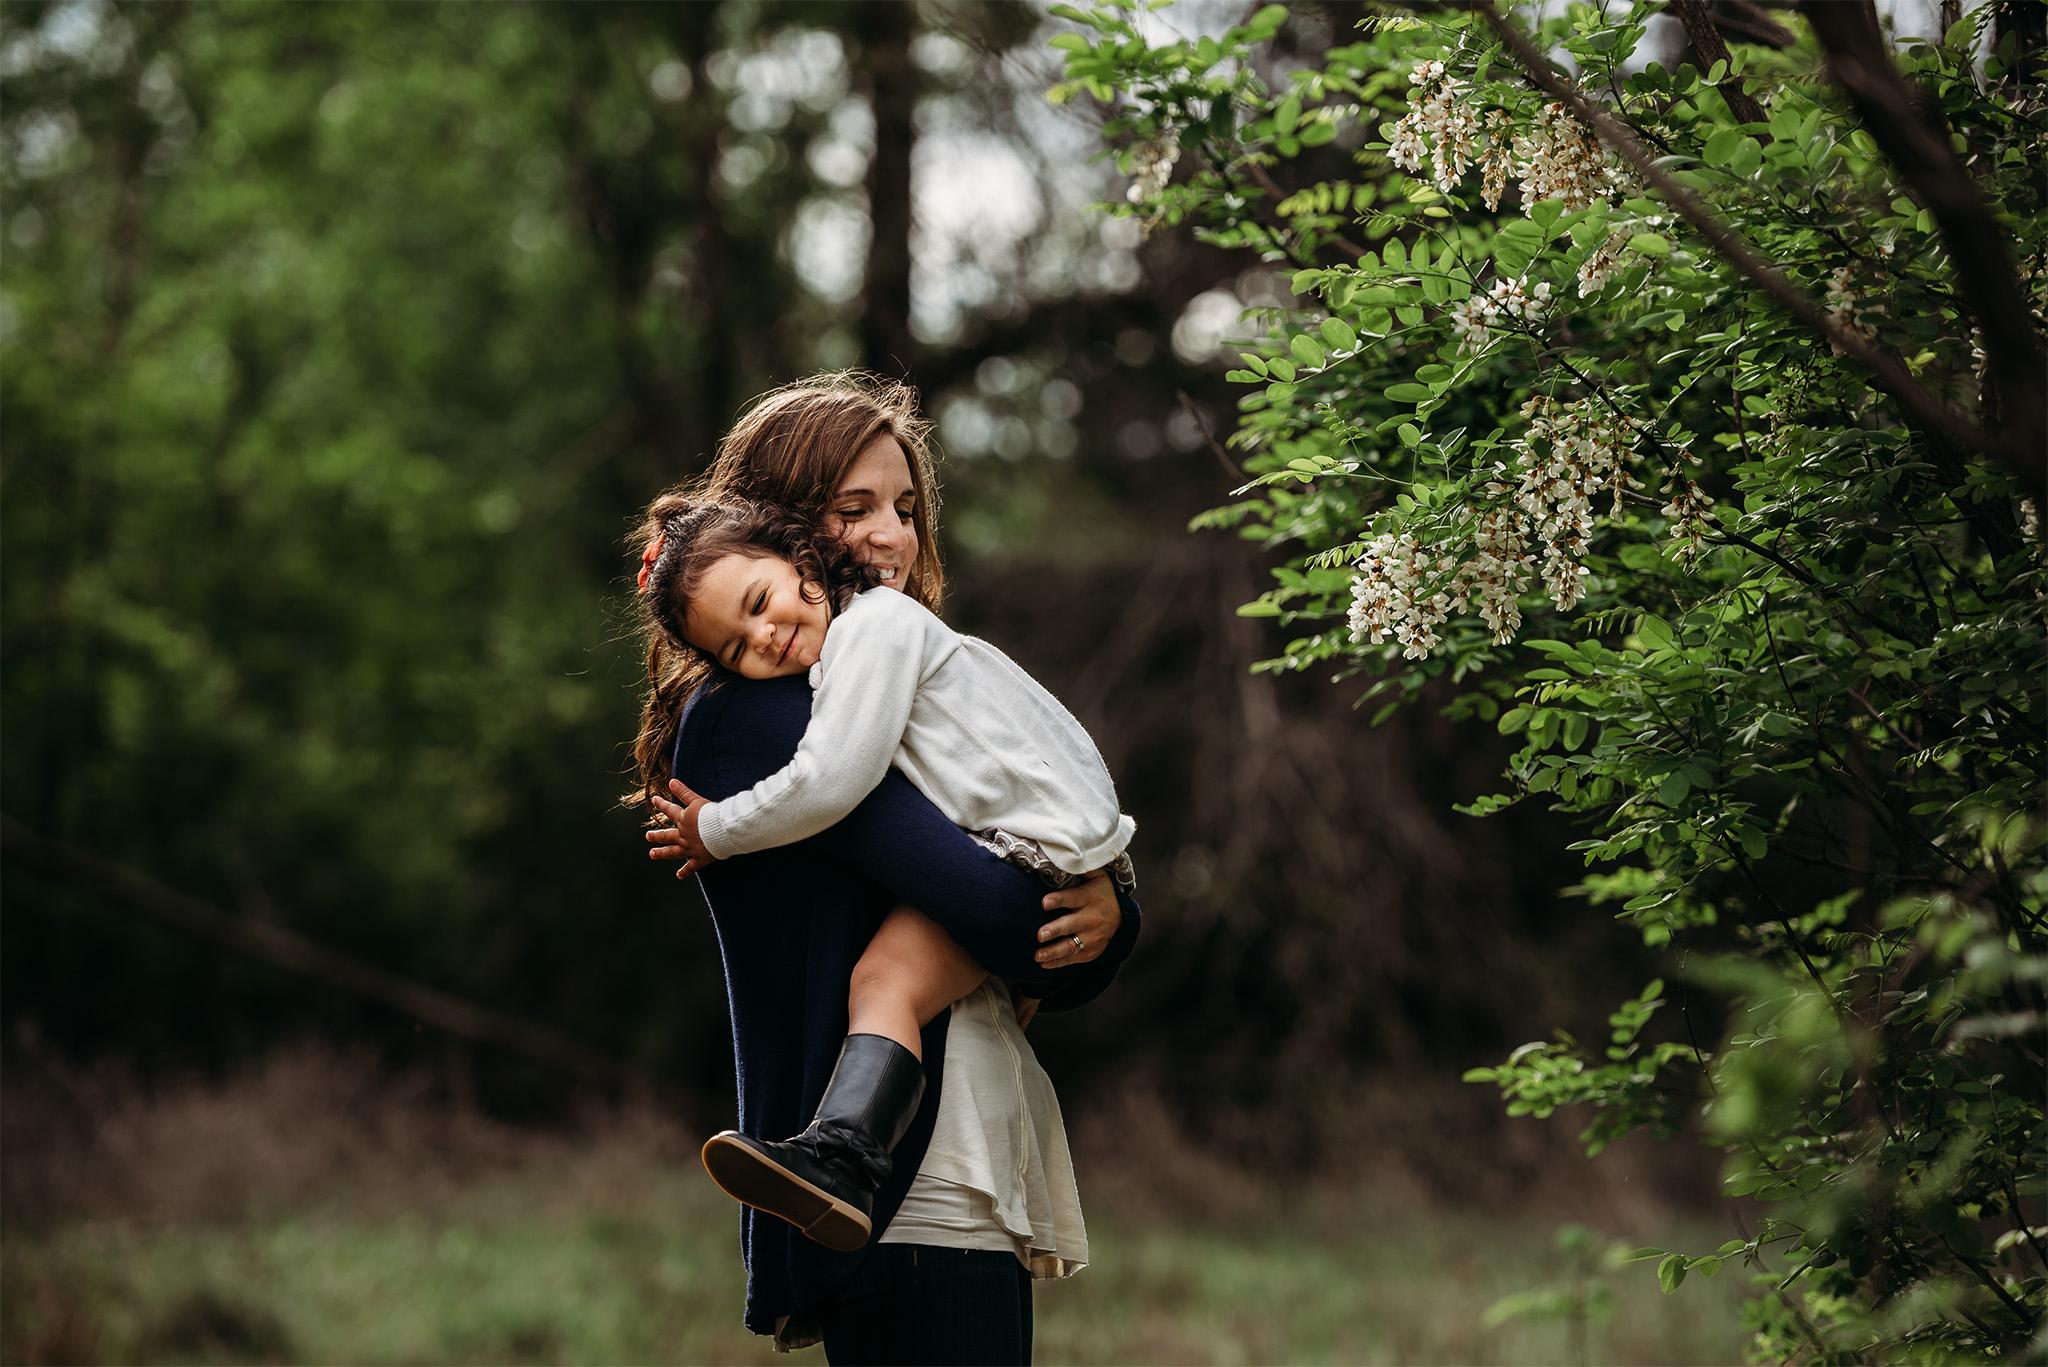 mom cuddling daughter